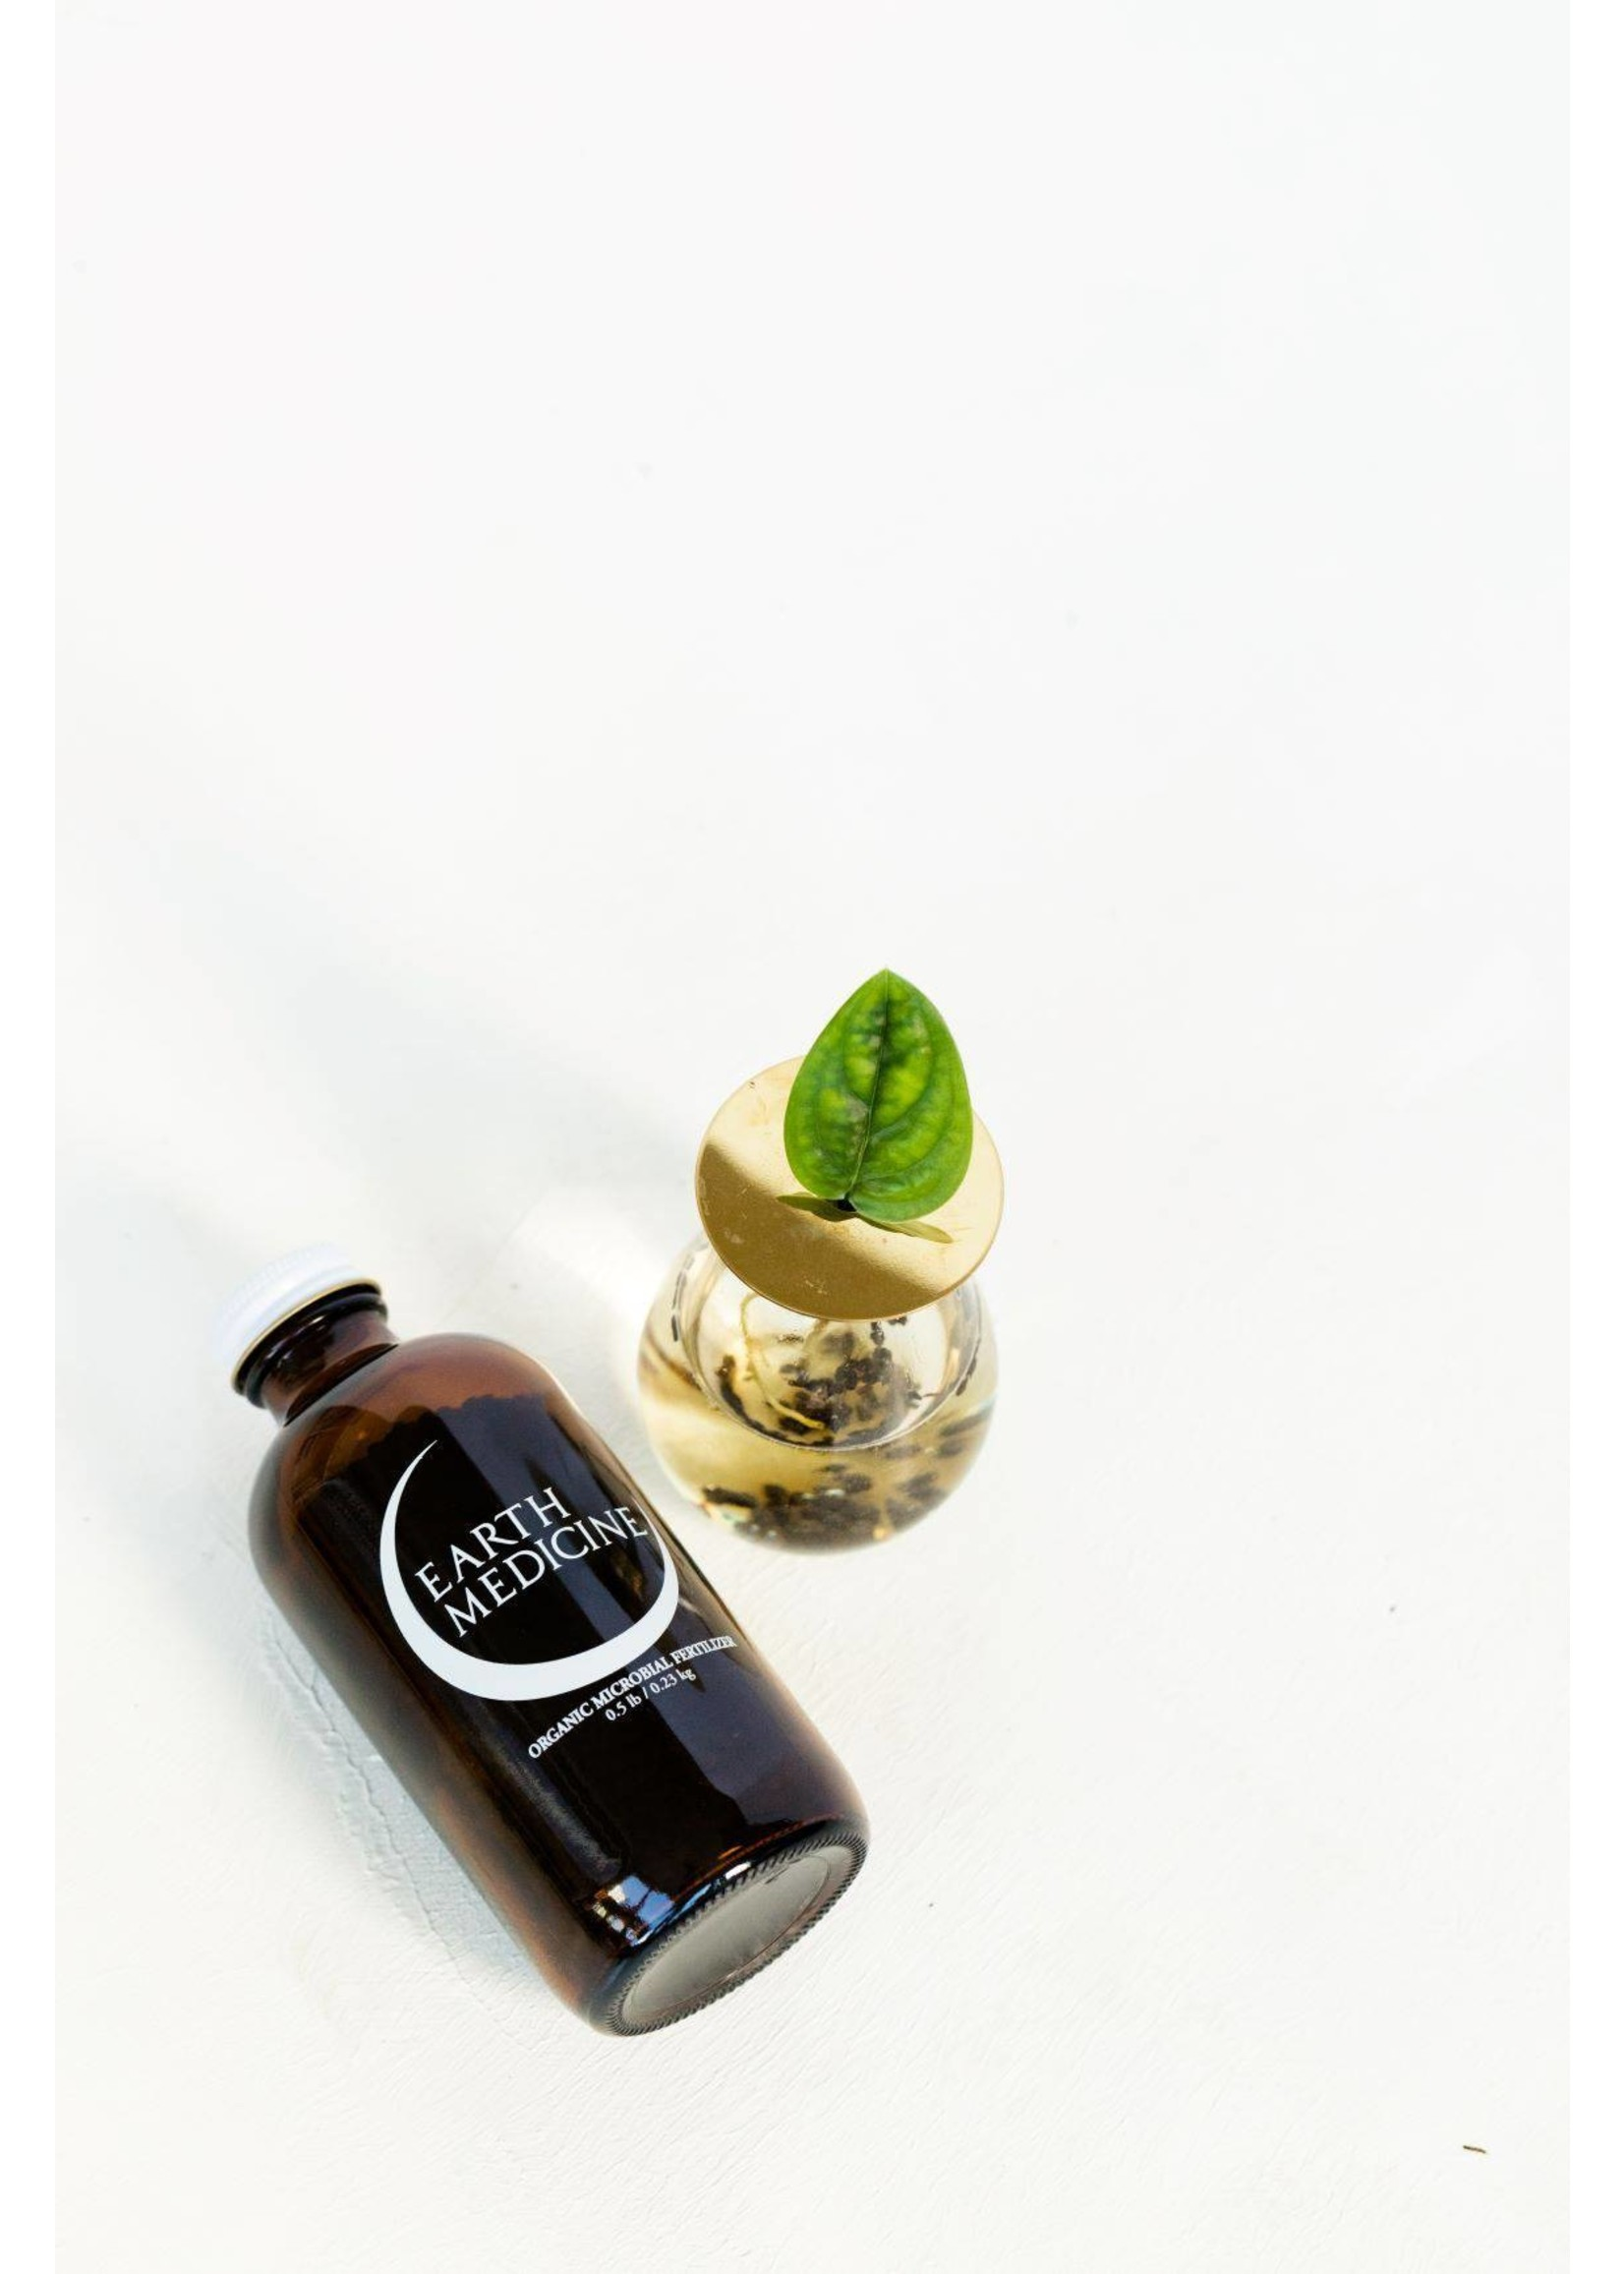 Earth Medicine 1/2lb Sampler Fertilizer